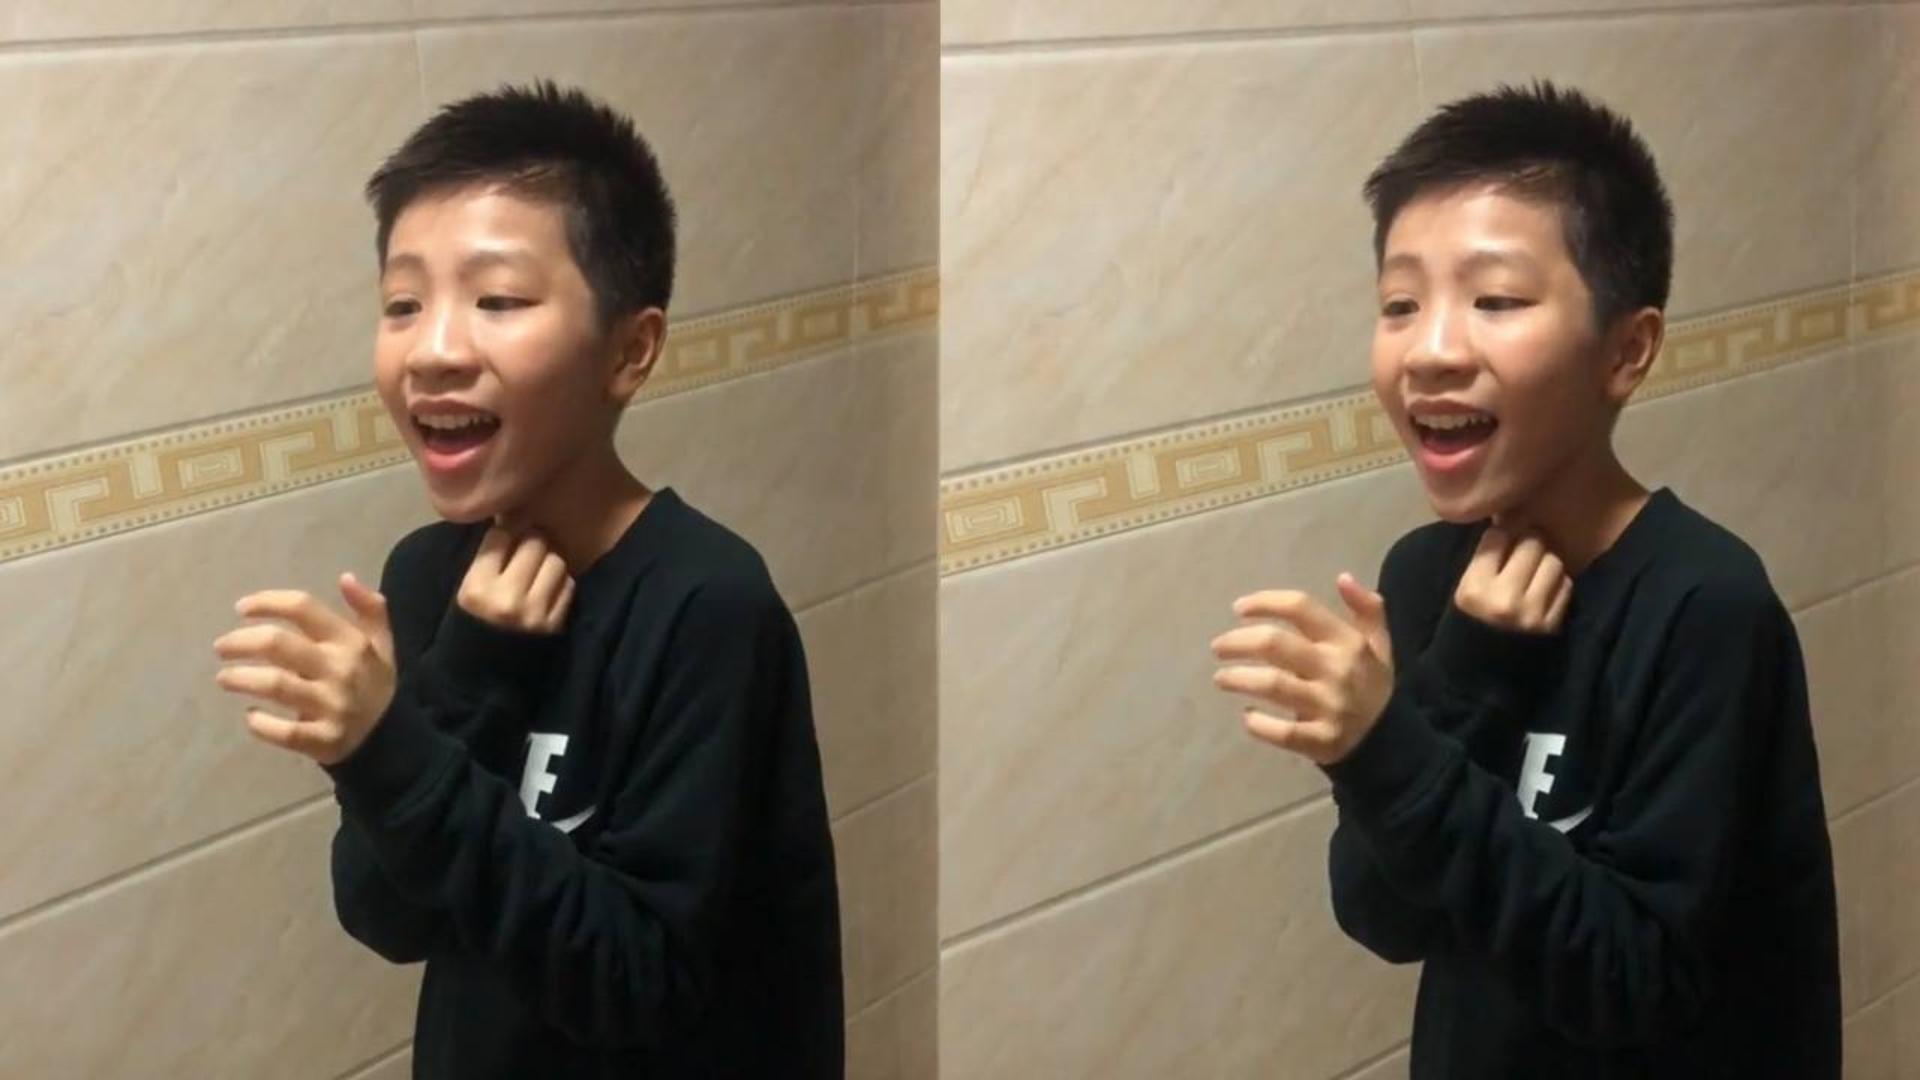 最近男孩清唱《赤伶》火了,唱歌视频获213万赞,网友:实力派!